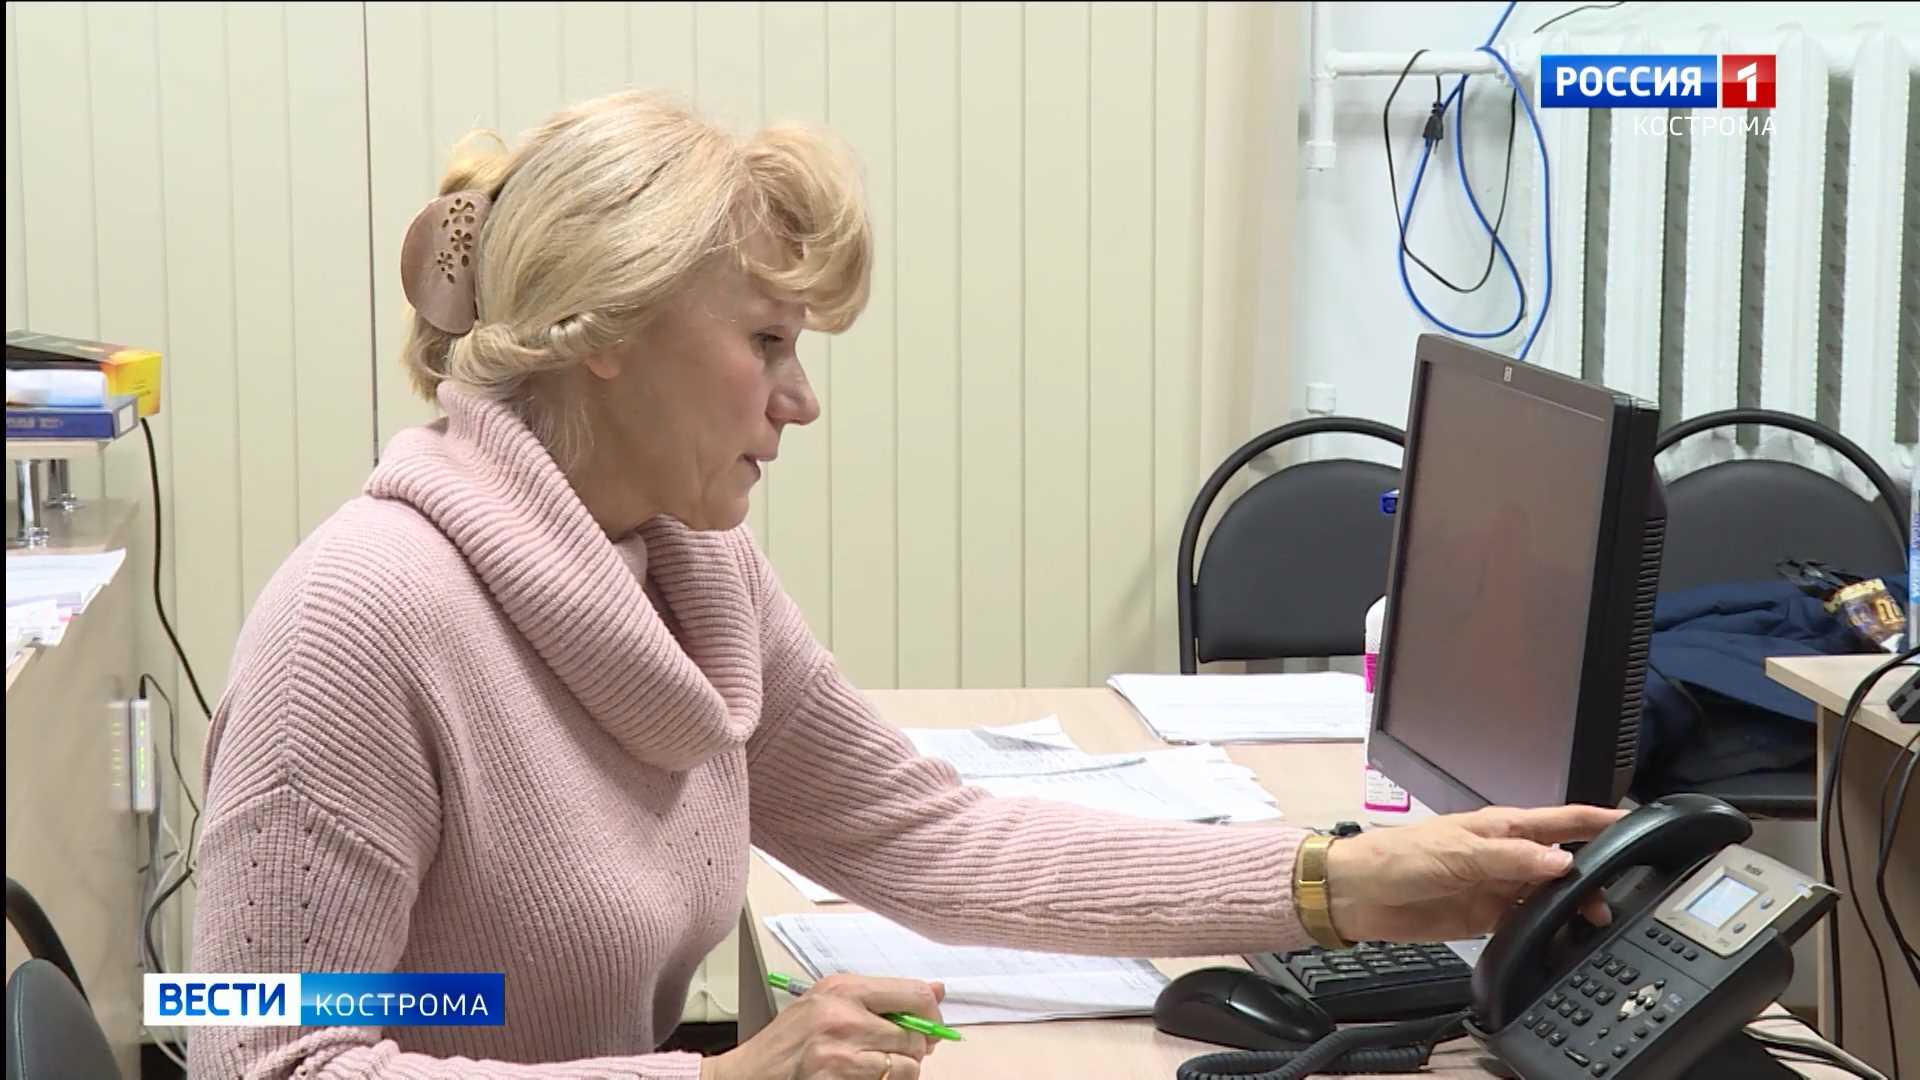 Тысячу звонков уже принял костромской колл-центр по коронавирусу в первые дни нового года